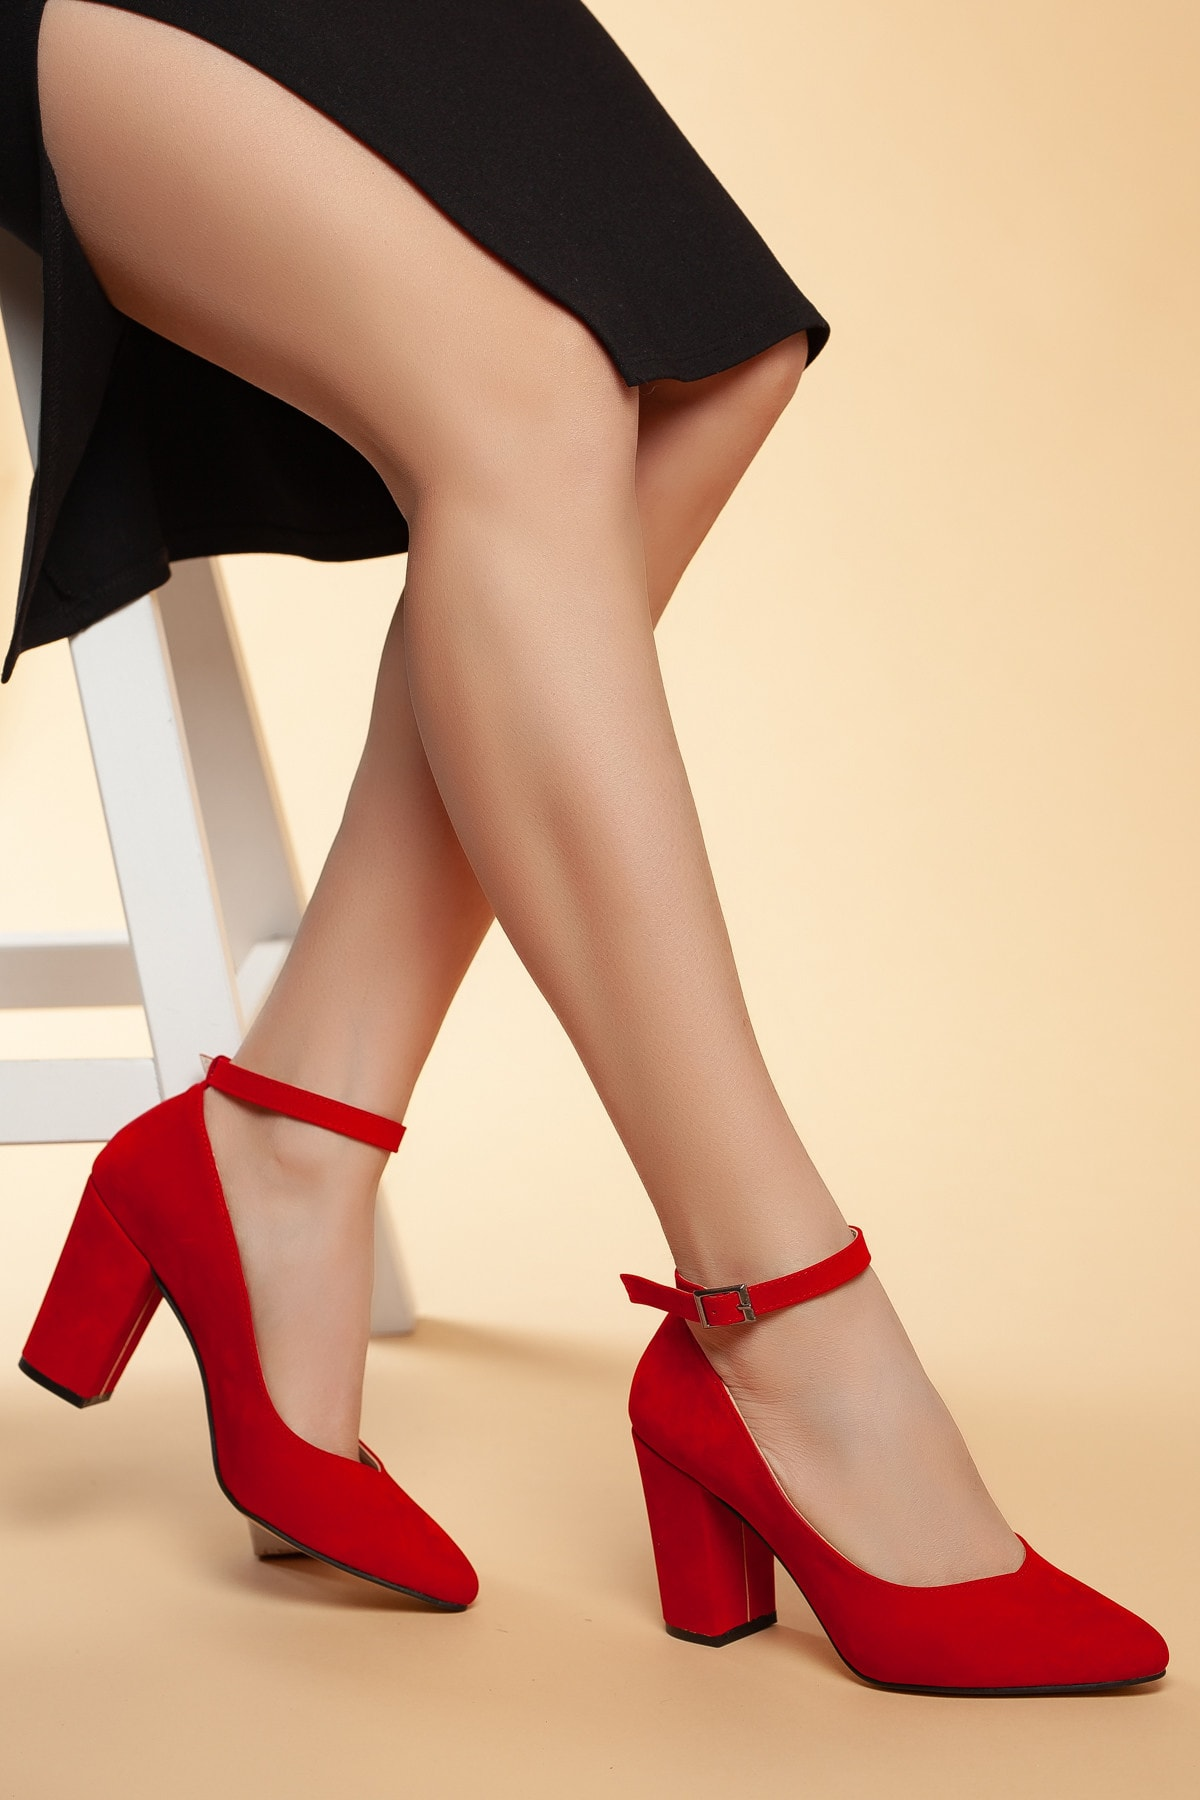 Daxtors Kırmızı-Süet Kadın Klasik Topuklu Ayakkabı DXTRSWMNYK715 1